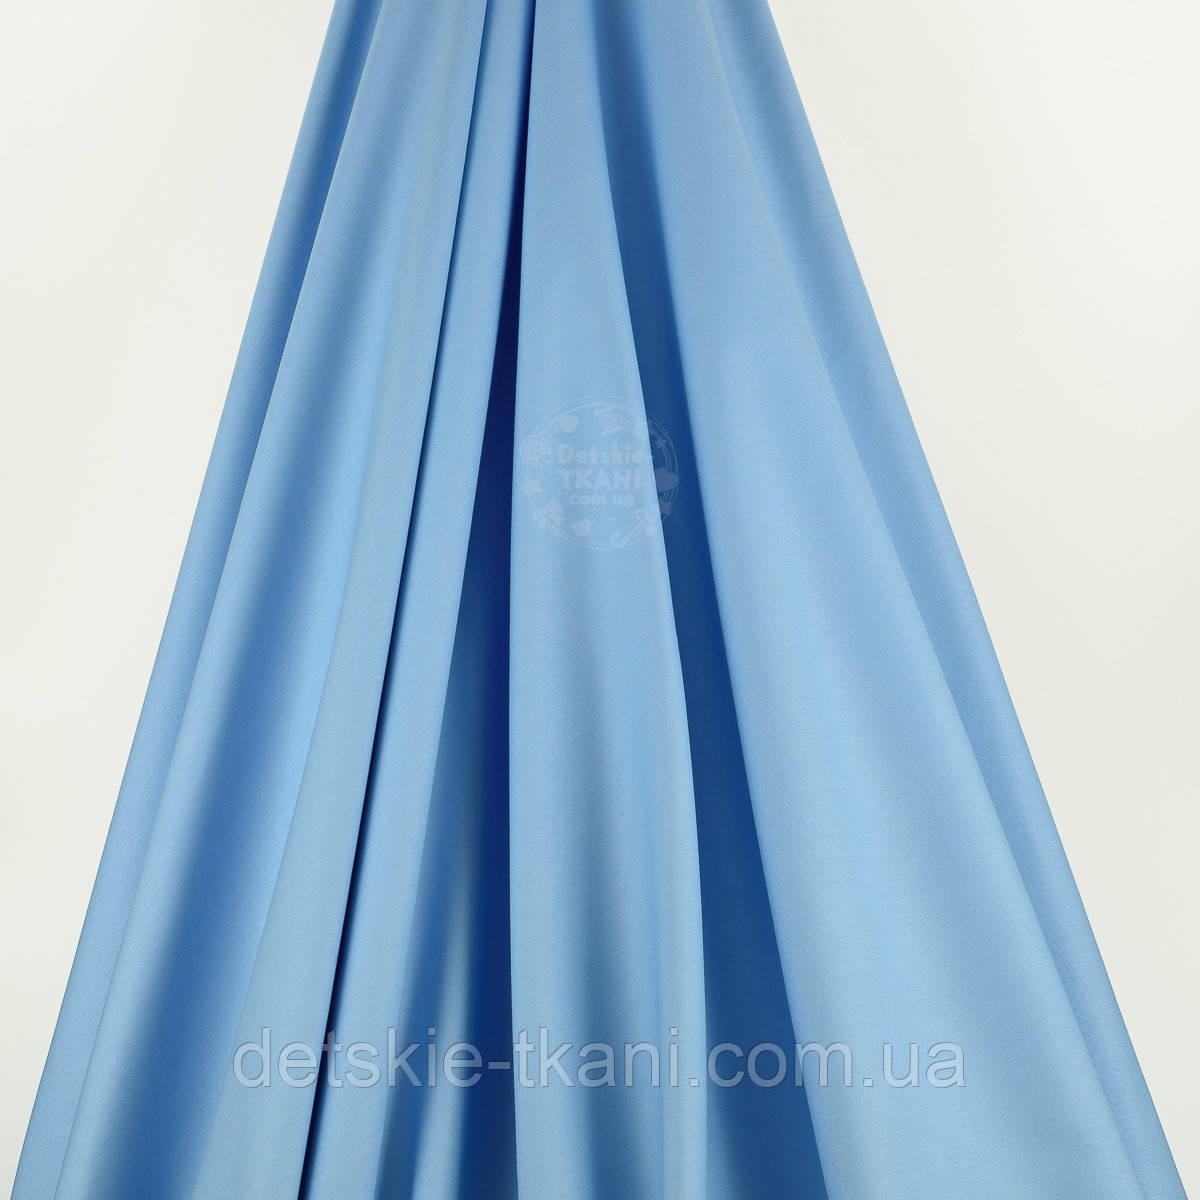 Поплин однотонный, цвет голубой (№24-1365)